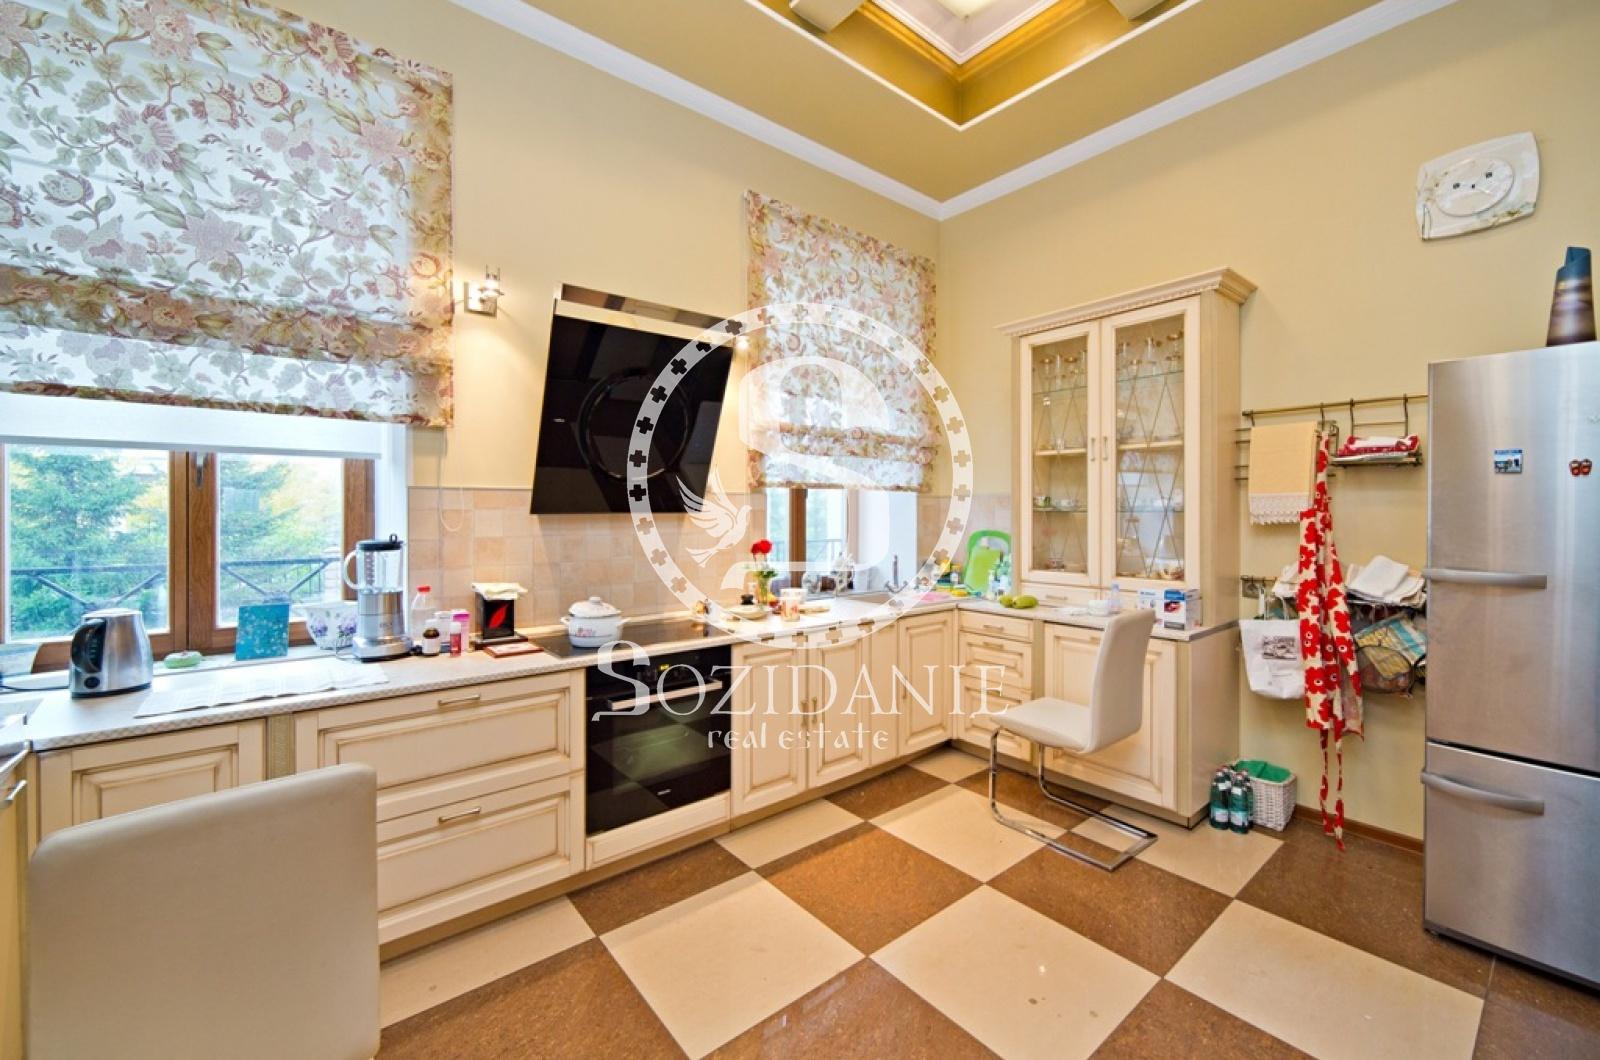 4 Bedrooms, Загородная, Продажа, Listing ID 1057, Московская область, Россия,